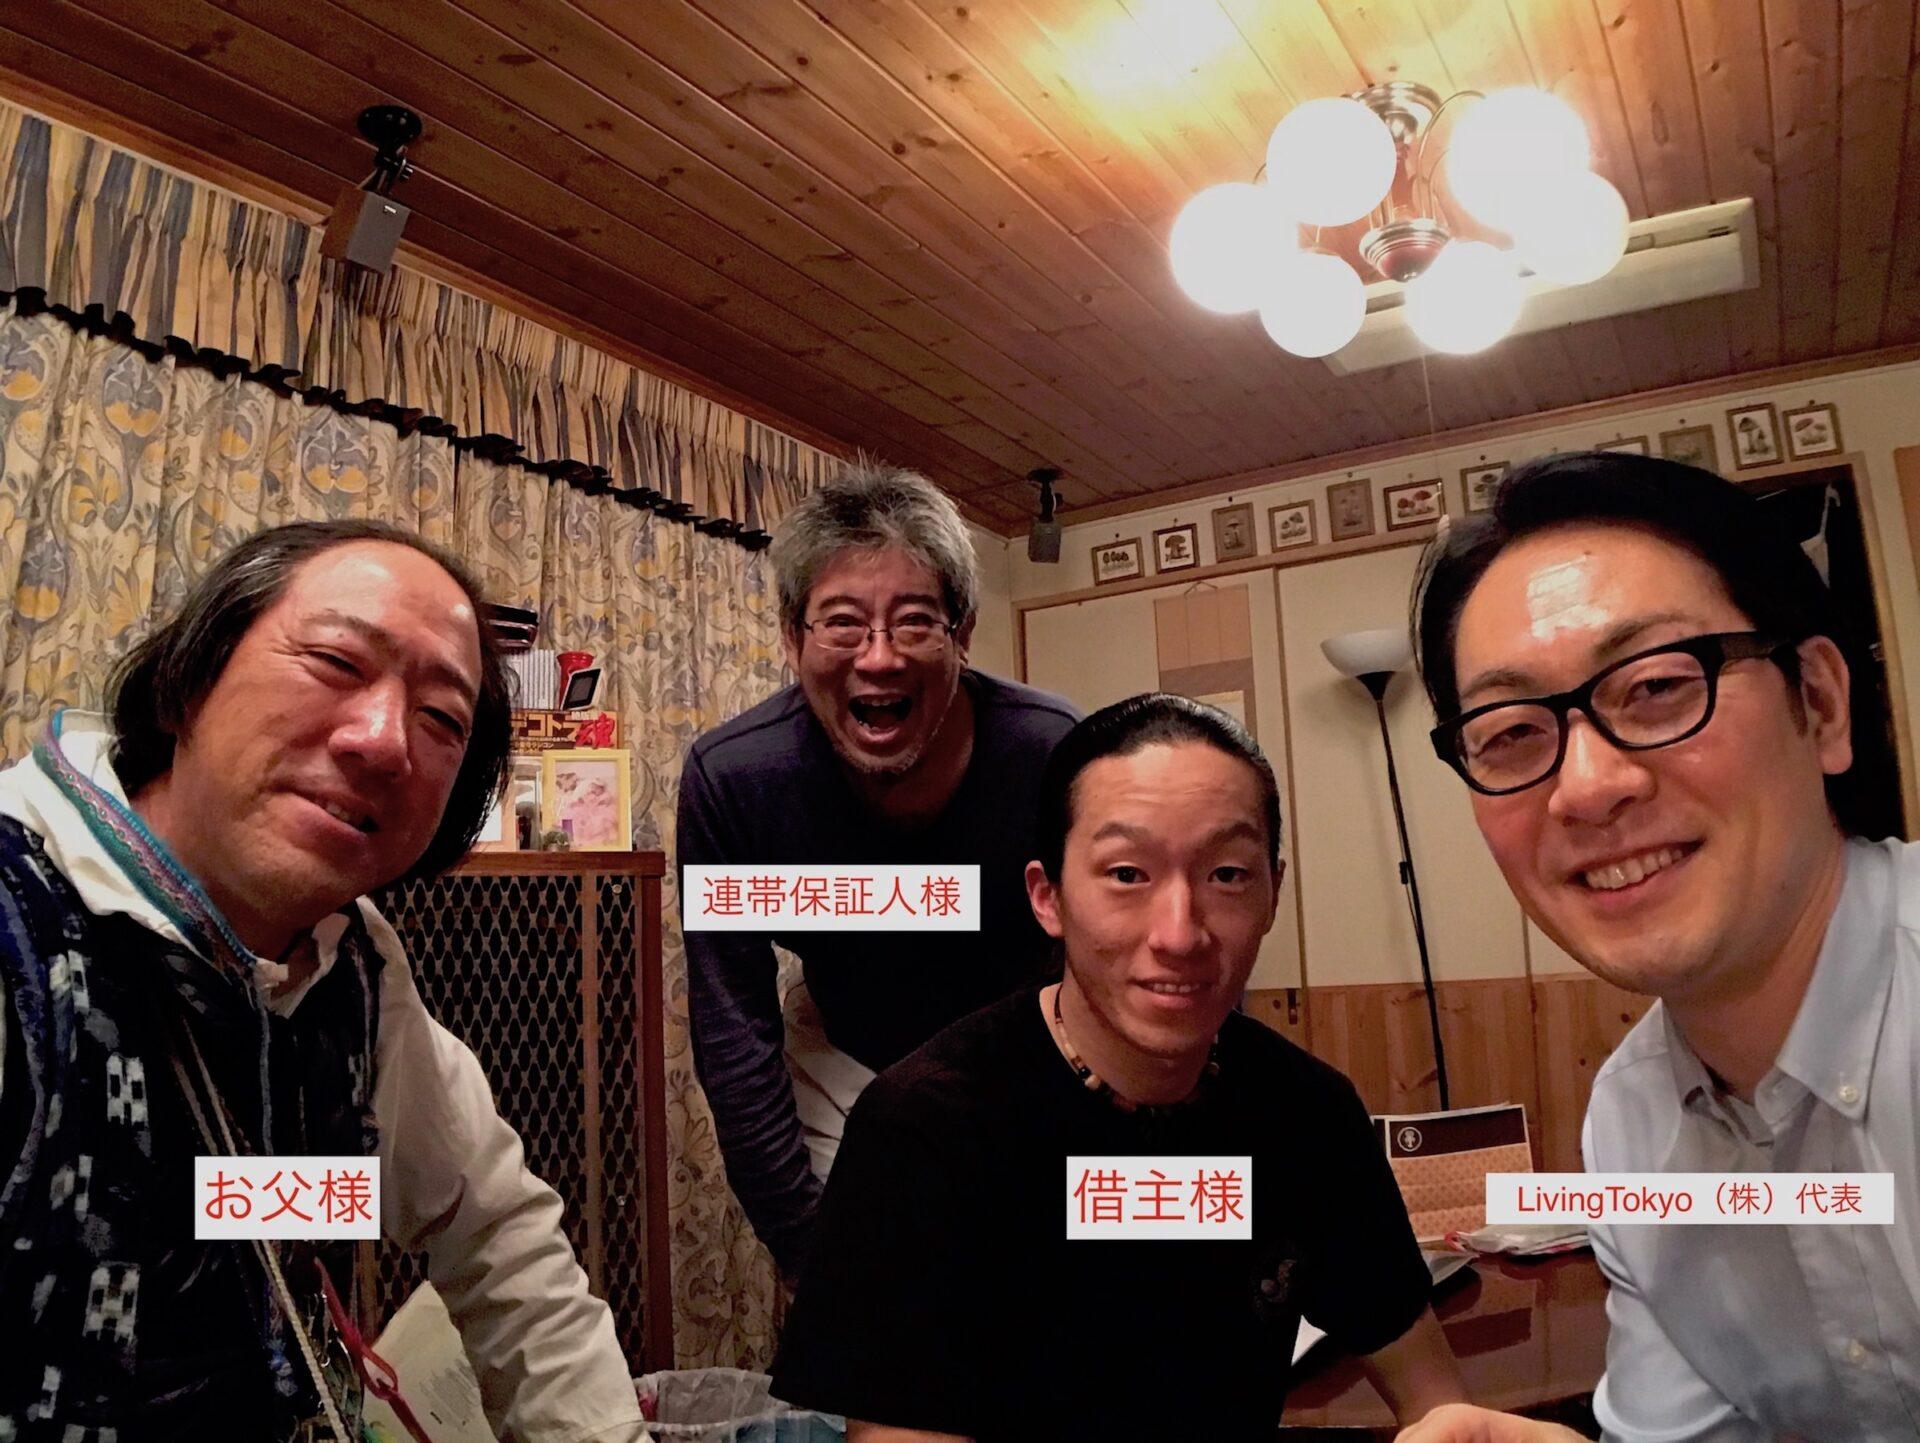 文京区千駄木の倉庫の更新契約が完了しました。